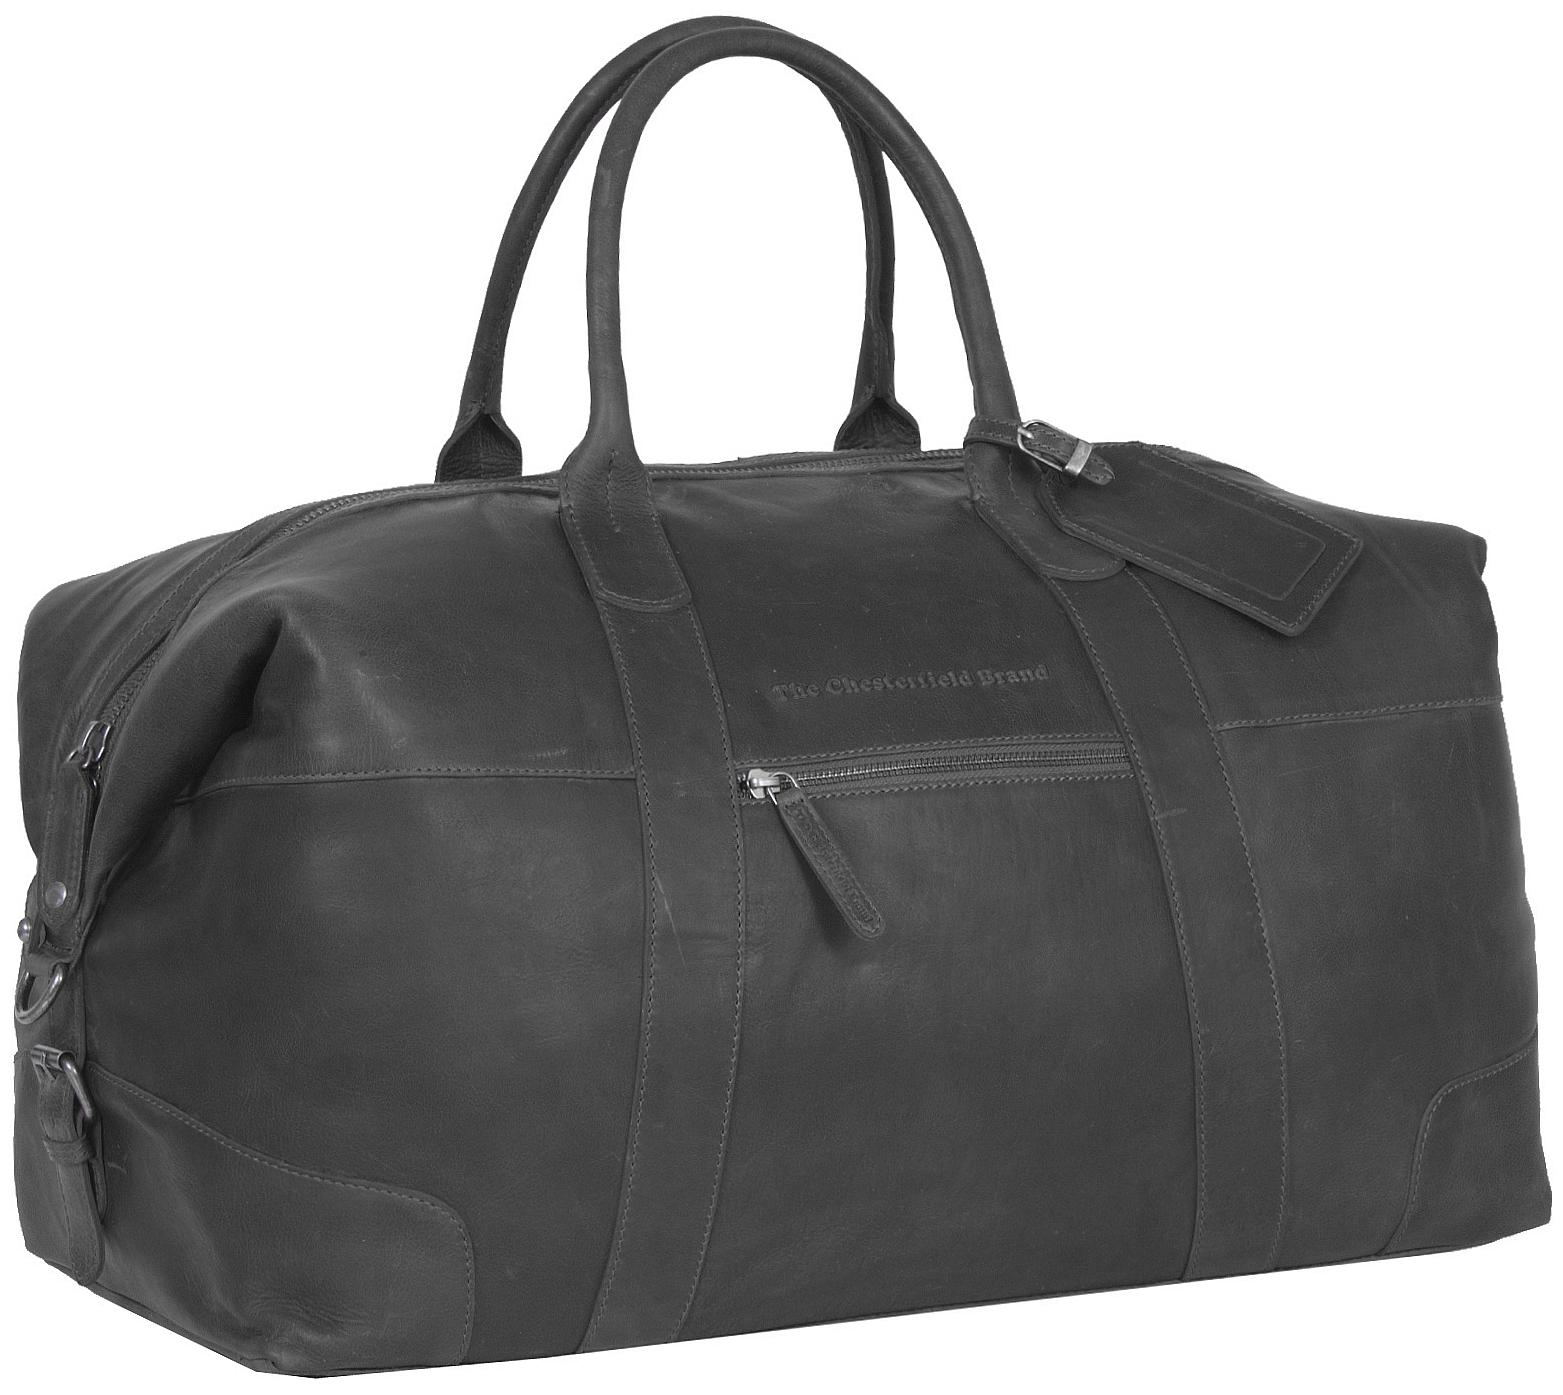 The Chesterfield Brand Kožená cestovní taška C20.001700 Portsmouth černá